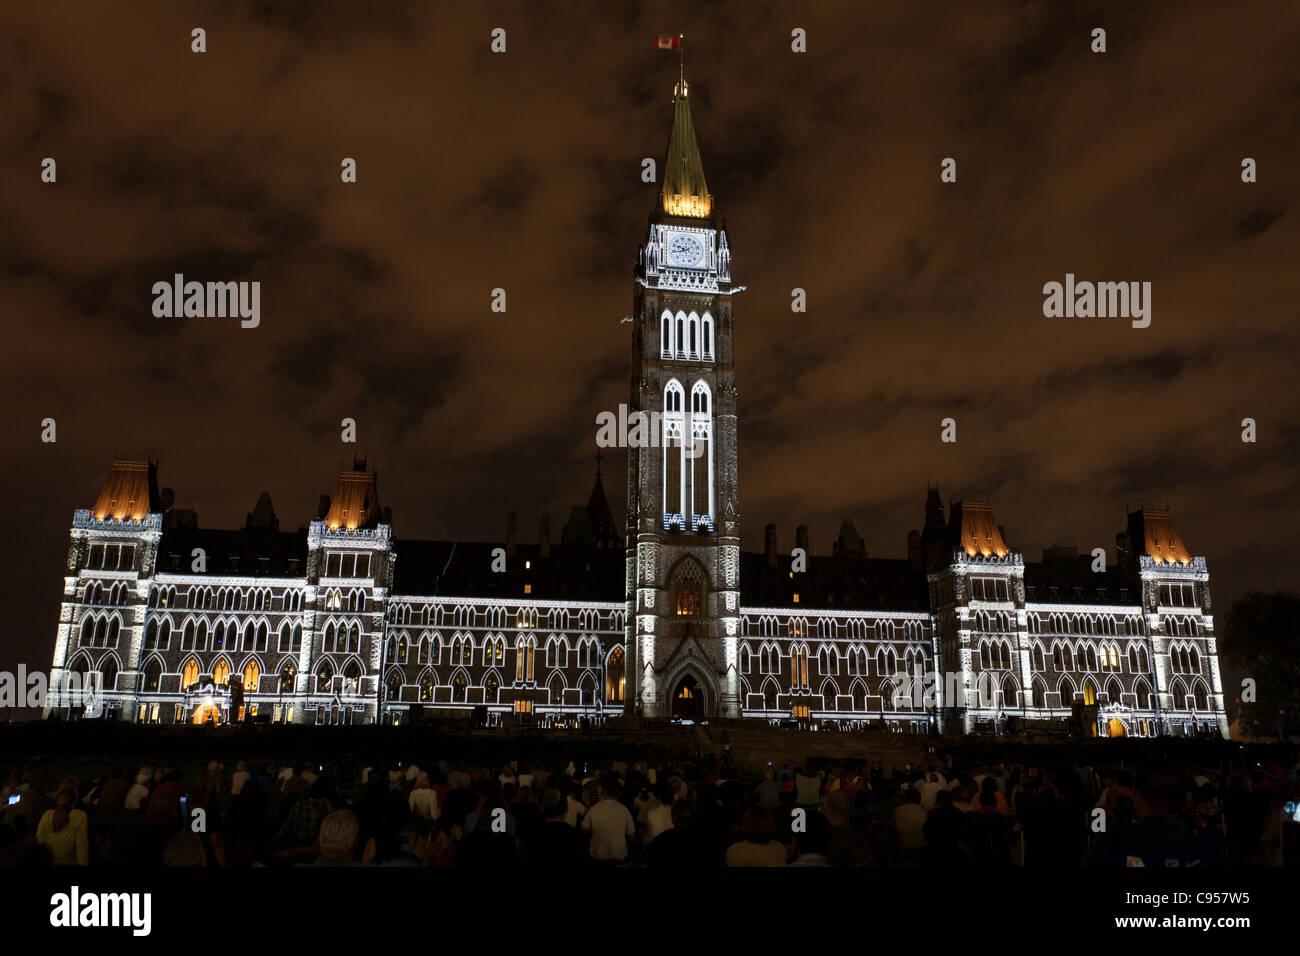 Espectáculo de Luz parlamentaria. El Parlamento canadiense edificios perfilados por las Luces, parte del espectáculo Imagen De Stock